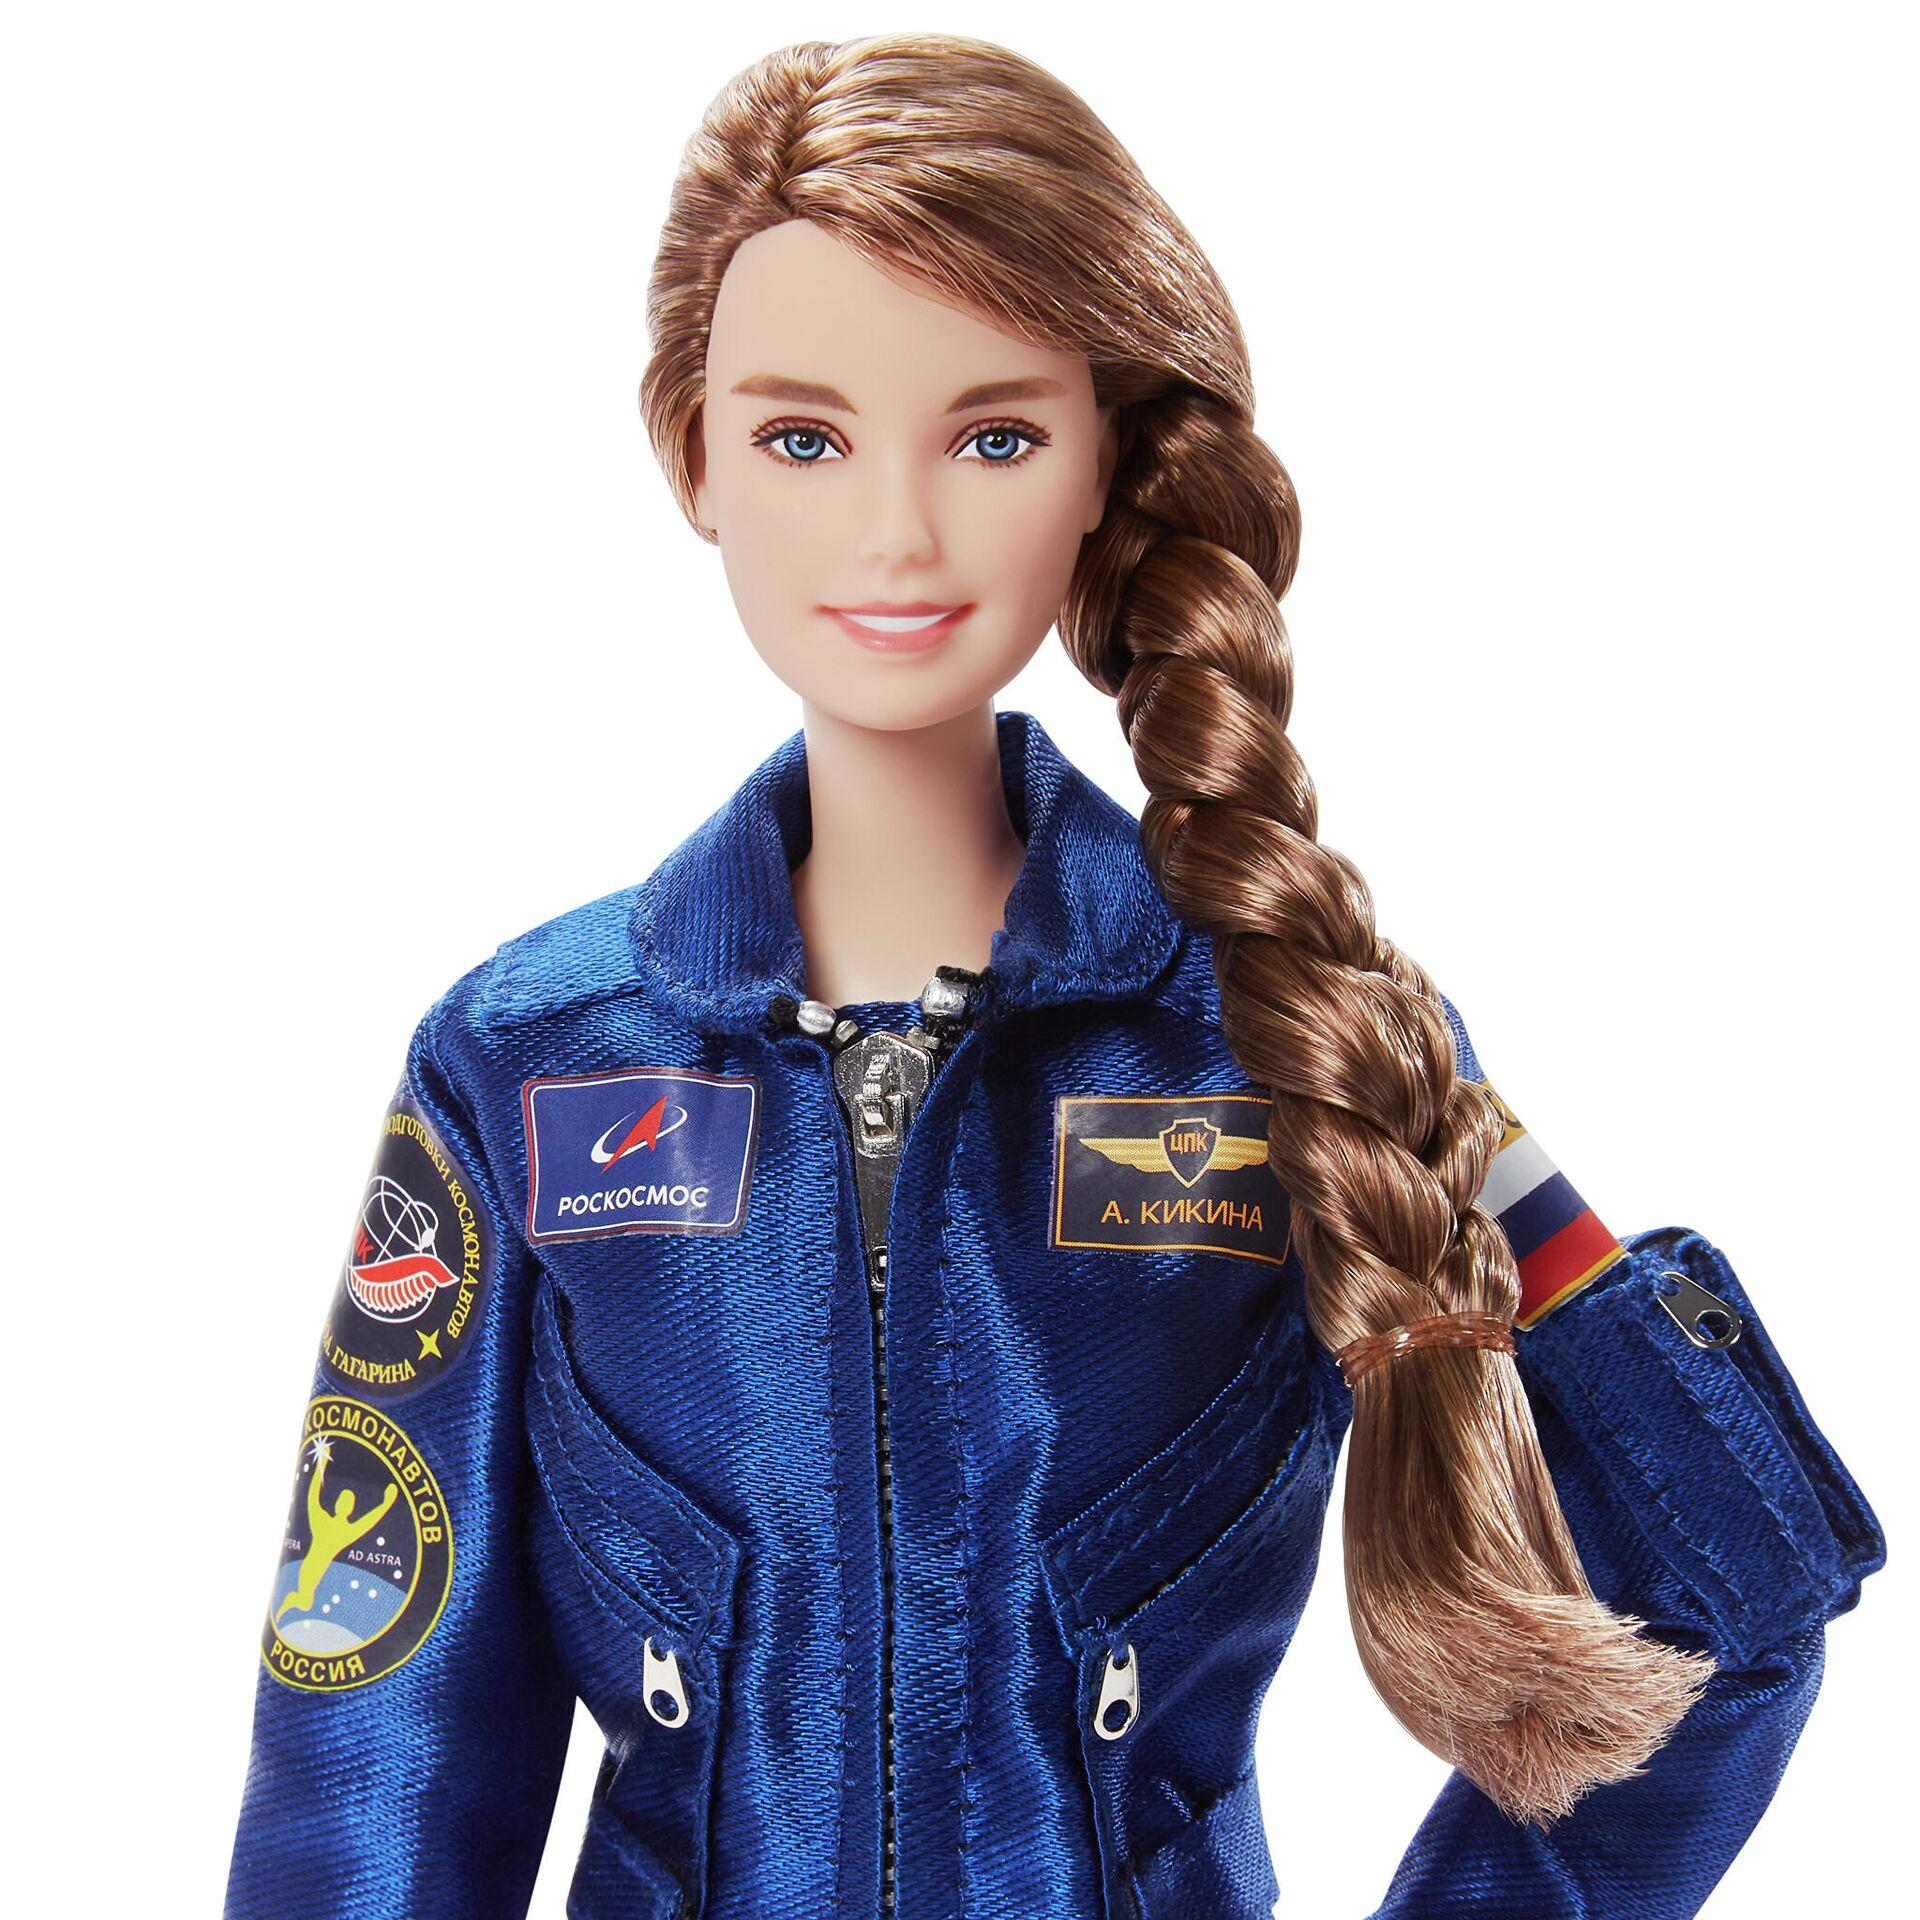 La muñeca Barbie cosmonauta con la imagen de la cosmonauta rusa Ana Kíkina - Sputnik Mundo, 1920, 16.03.2021